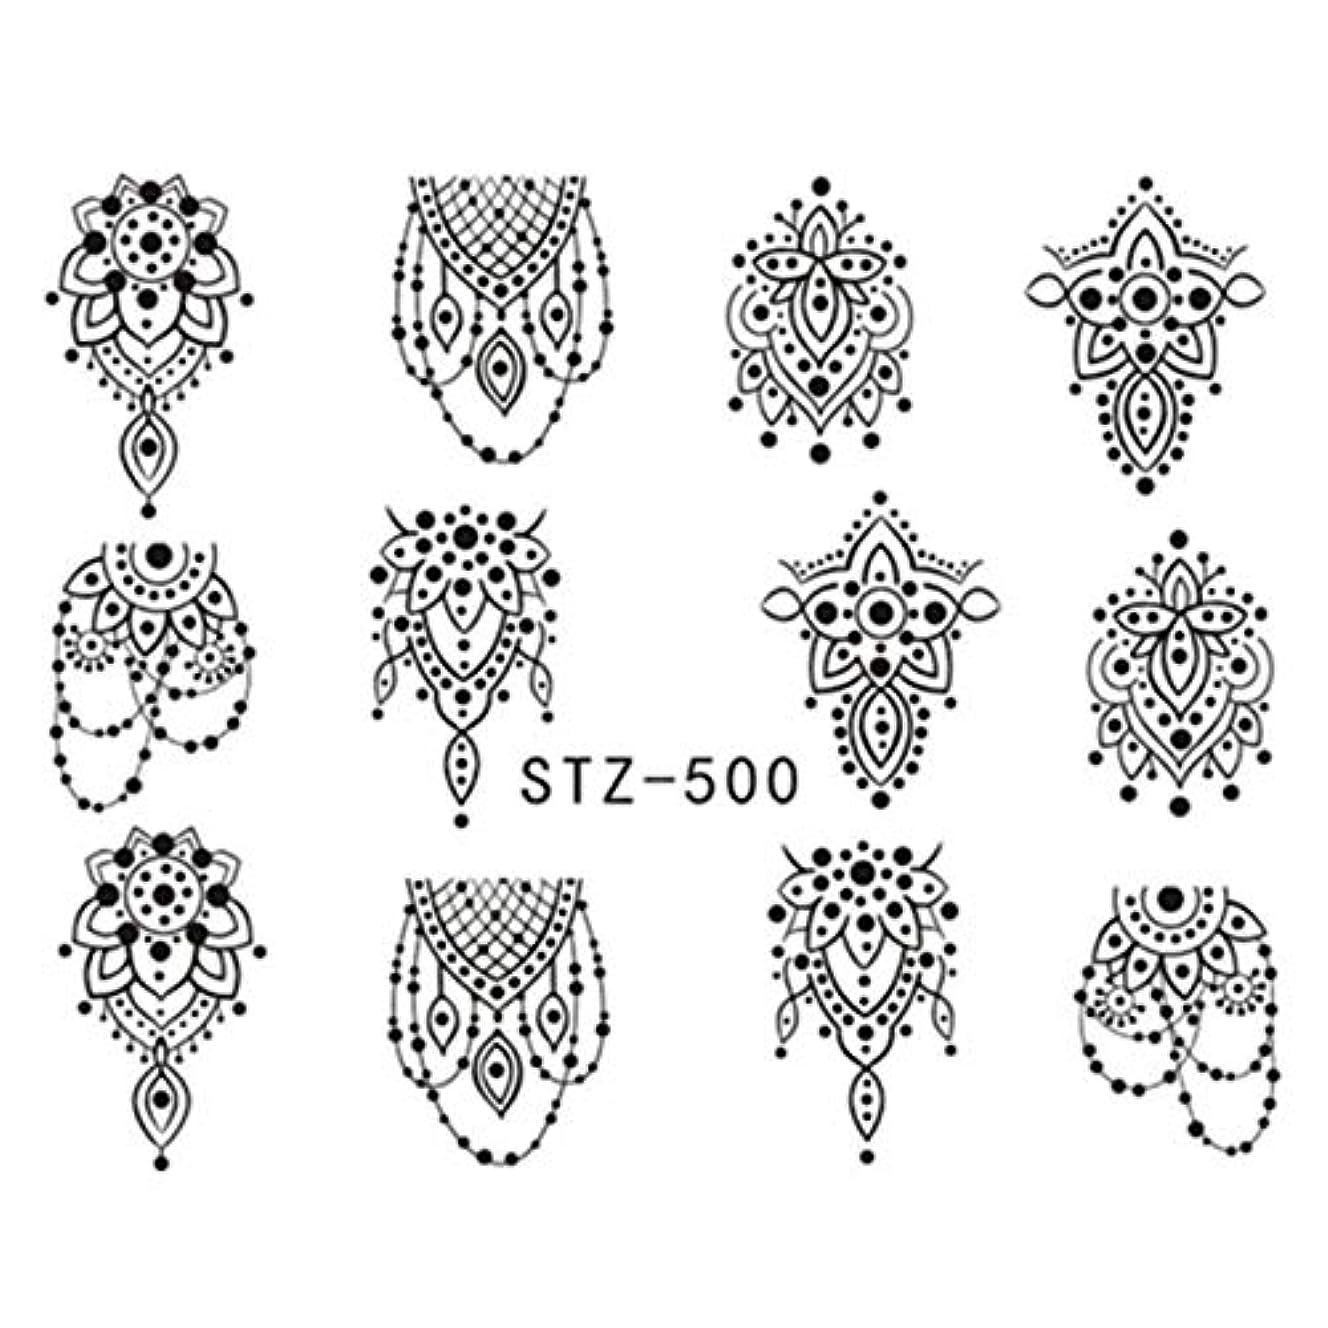 傾くお気に入り溶融Yoshilimen スイートフランスアートネックレス花びらパターンアップリケ(None STZ500)